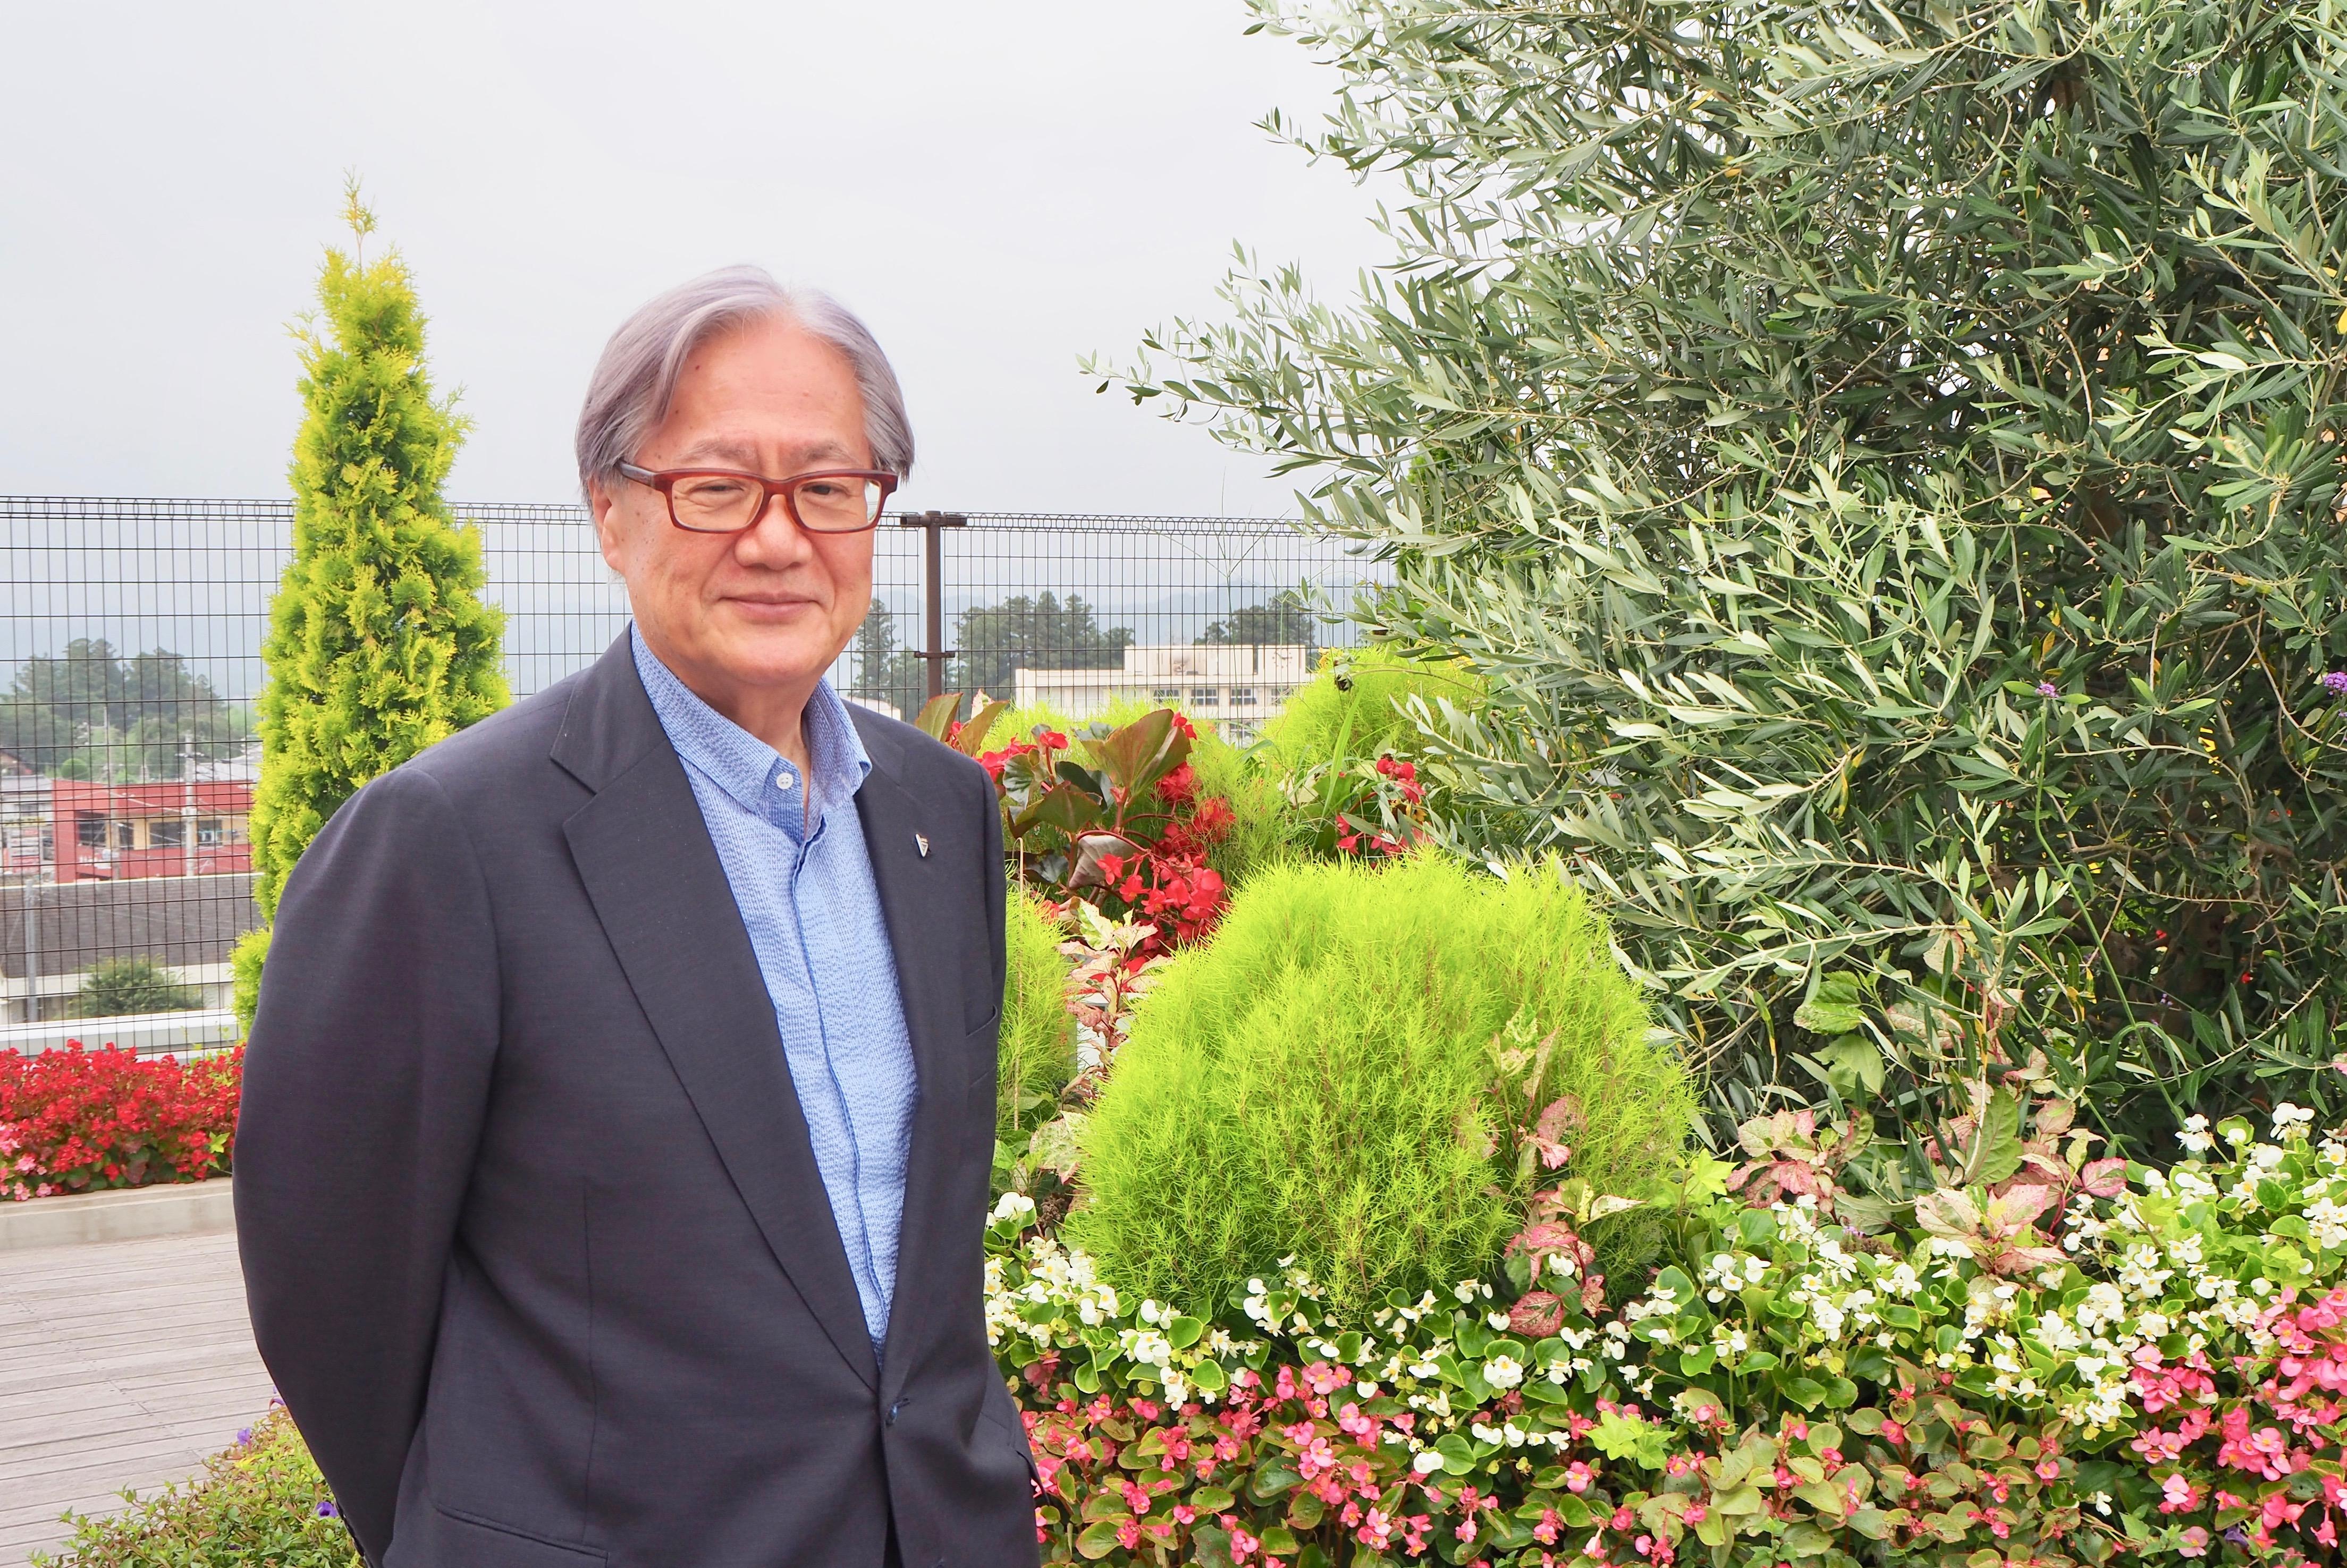 志村フロイデグループの取り組み――地域包括ケアを支え、安心して暮らせるまちをつくるために